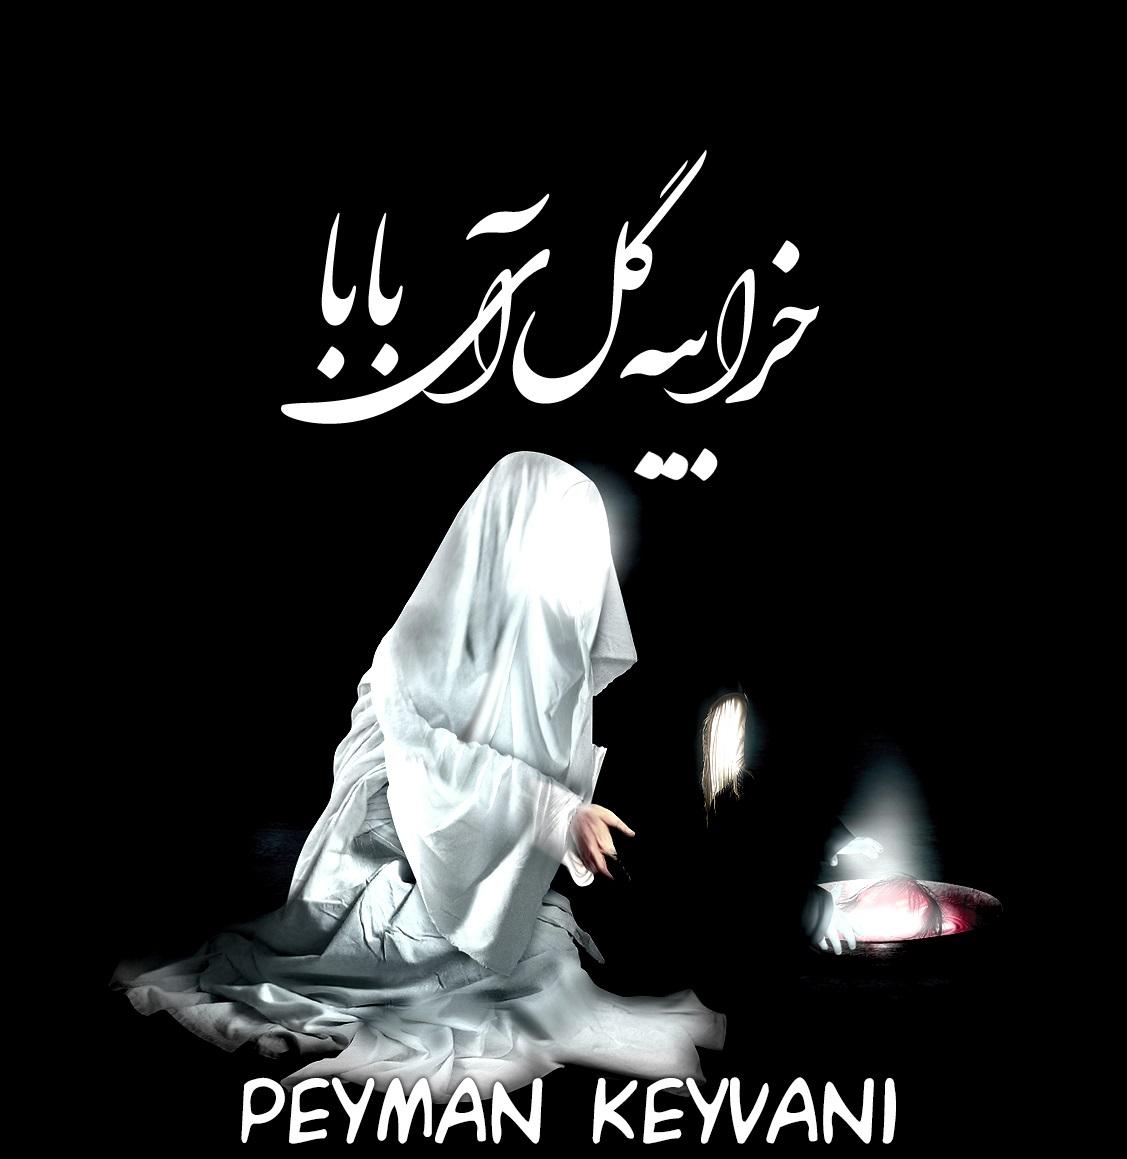 http://s8.picofile.com/file/8341349876/Peyman_Keyvani_Kharabia_Gal_Ay_Baba.jpg